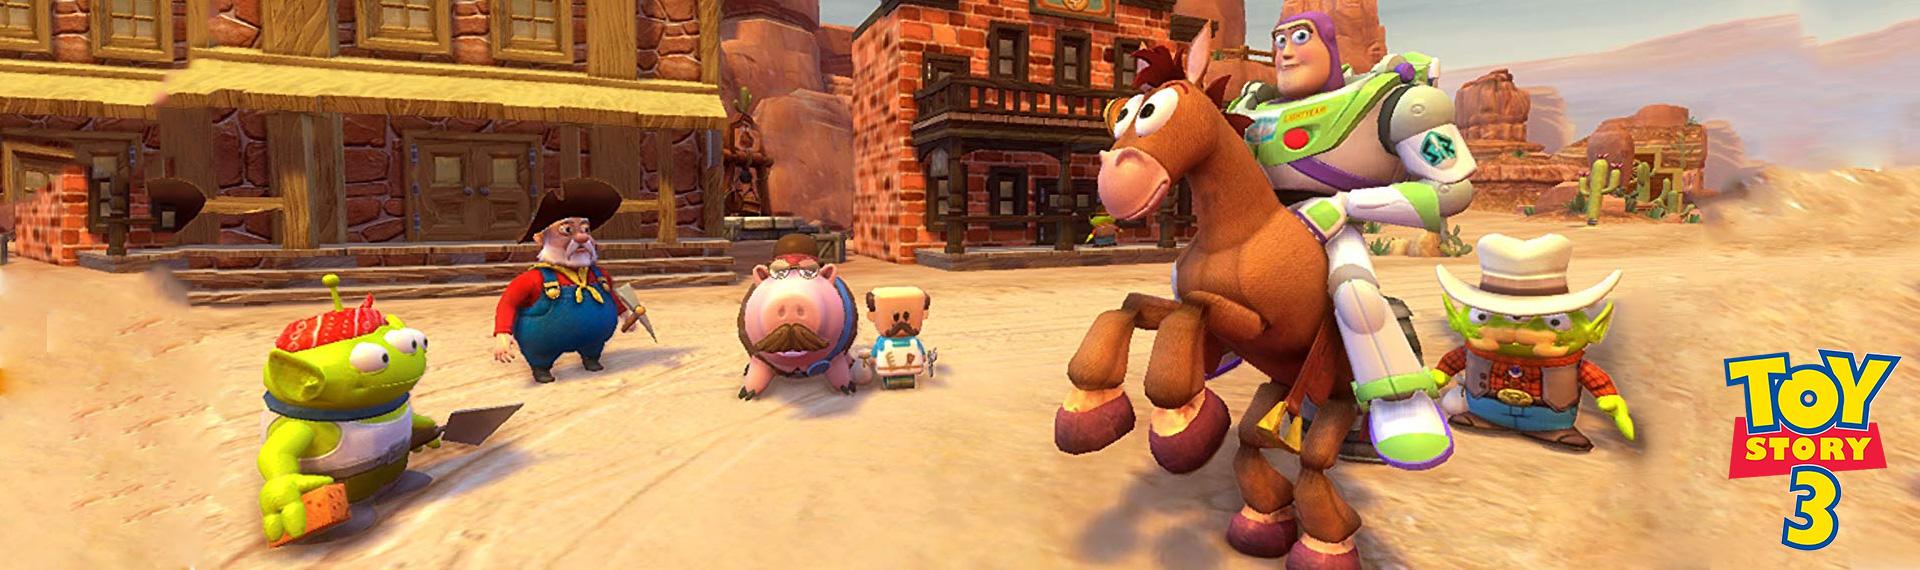 Deretan Game Toy Story yang Seru dan Memanjakan Mata